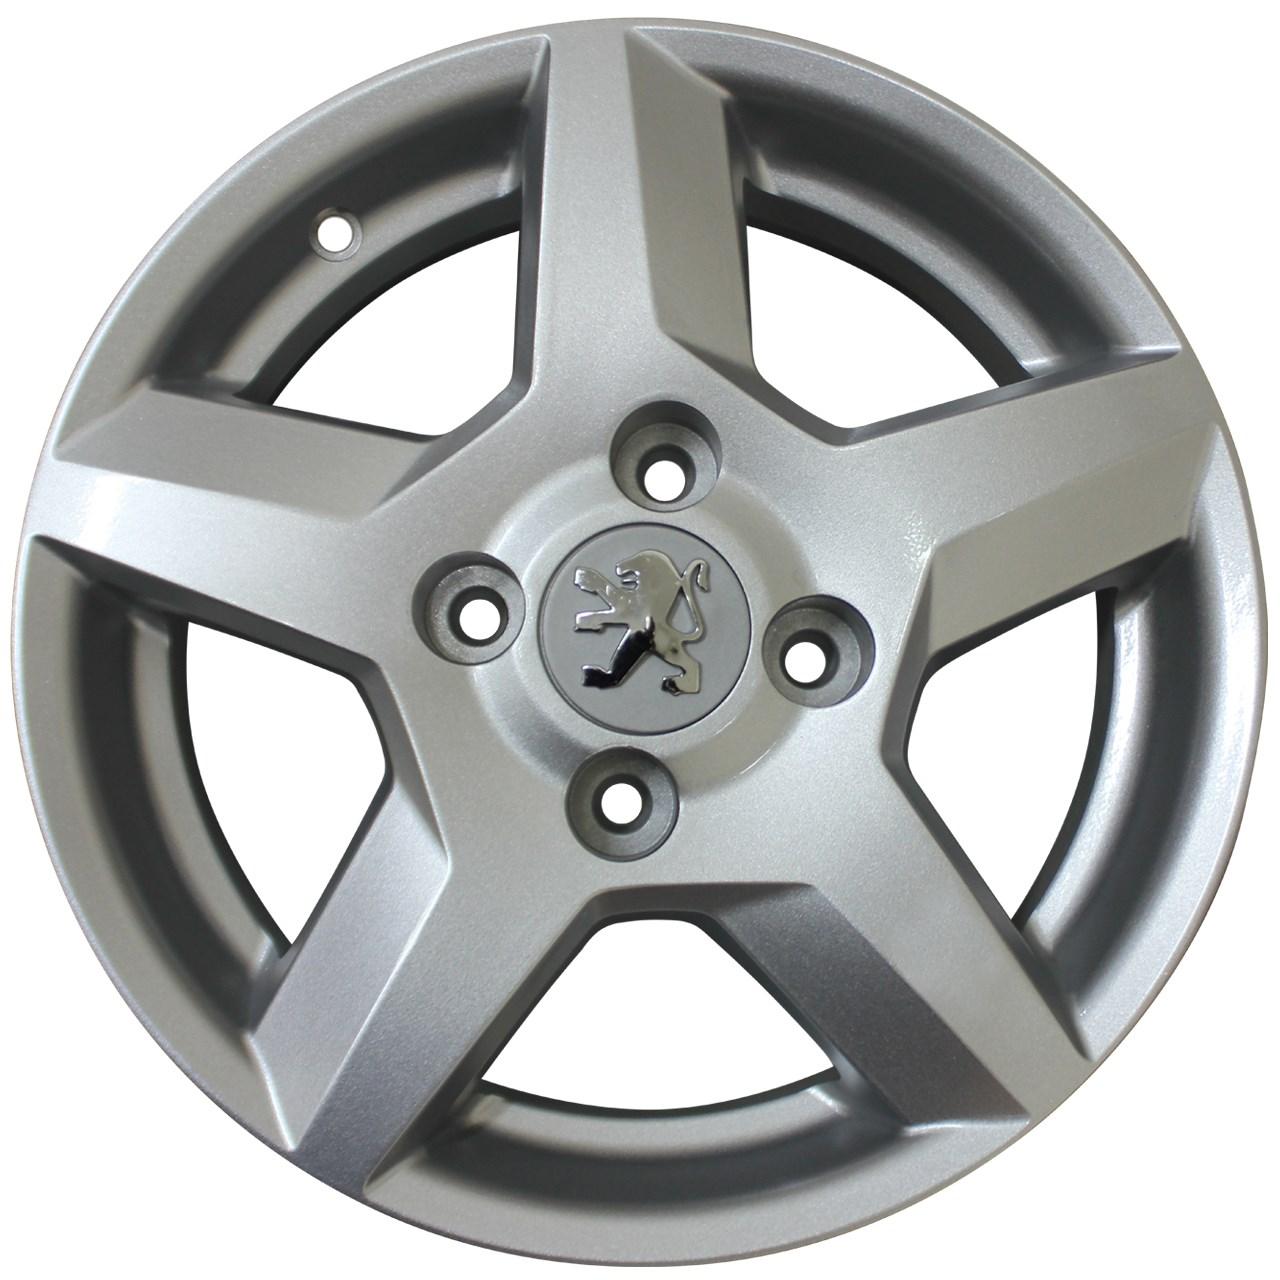 رینگ آلومینیومی چرخ مدل KWR77 سایز 14 اینچ مناسب برای پژو